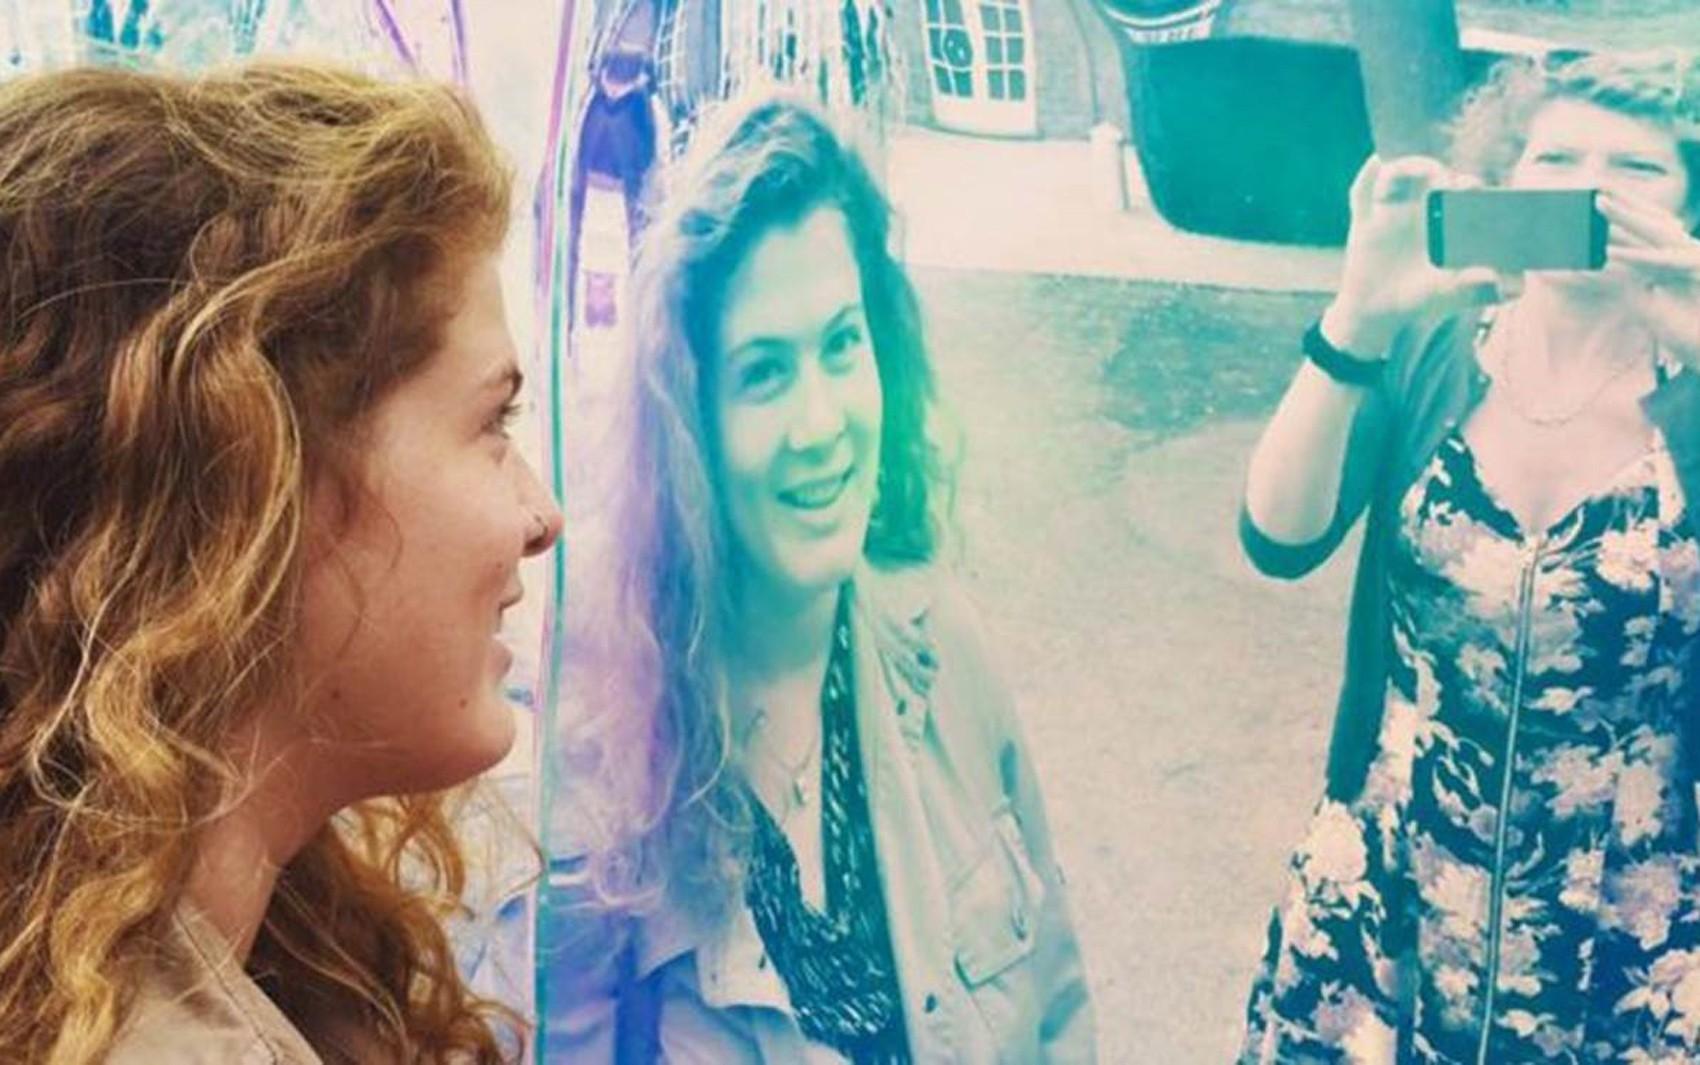 Evie Prichard (à esq.) às vezes tem dificuldade para reconhecer a mãe, Mary Ann Sieghart (à dir.), e até a si própria (Foto: Evie Prichard/BBC)